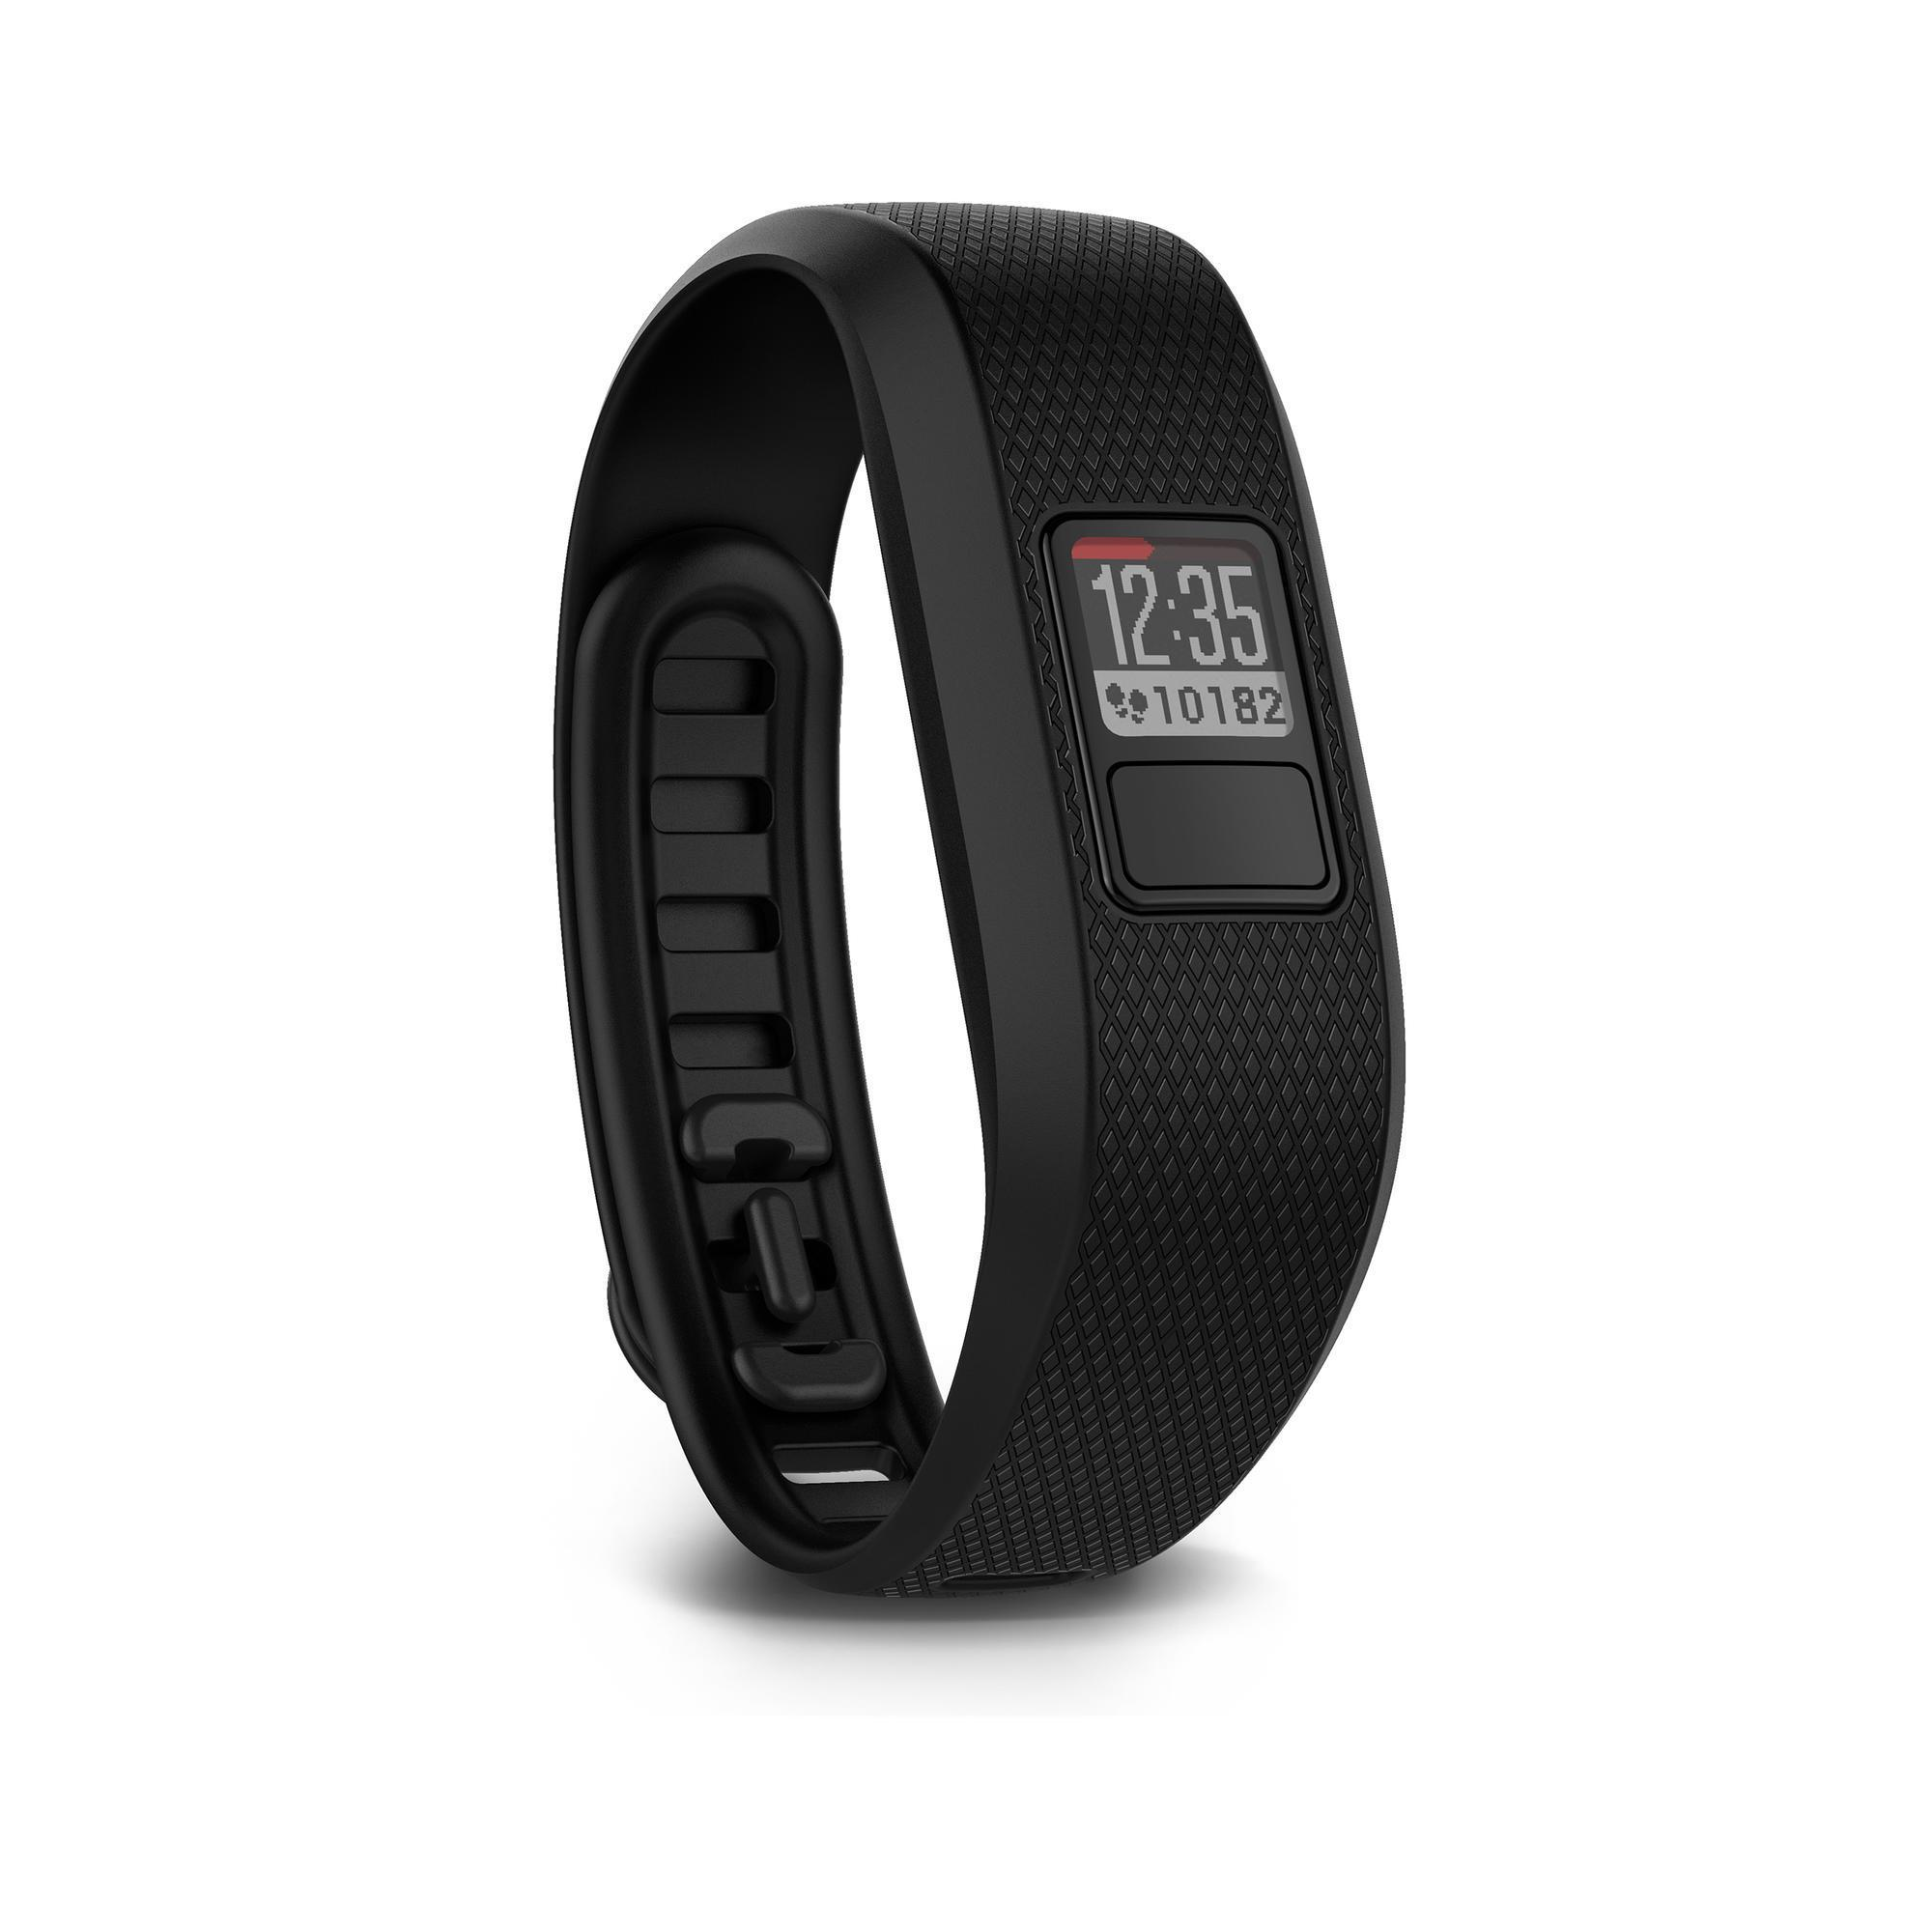 Fitnessarmband Vivofit 3 schwarz | Schmuck > Armbänder > Fitness-Armbänder | Schwarz | Garmin